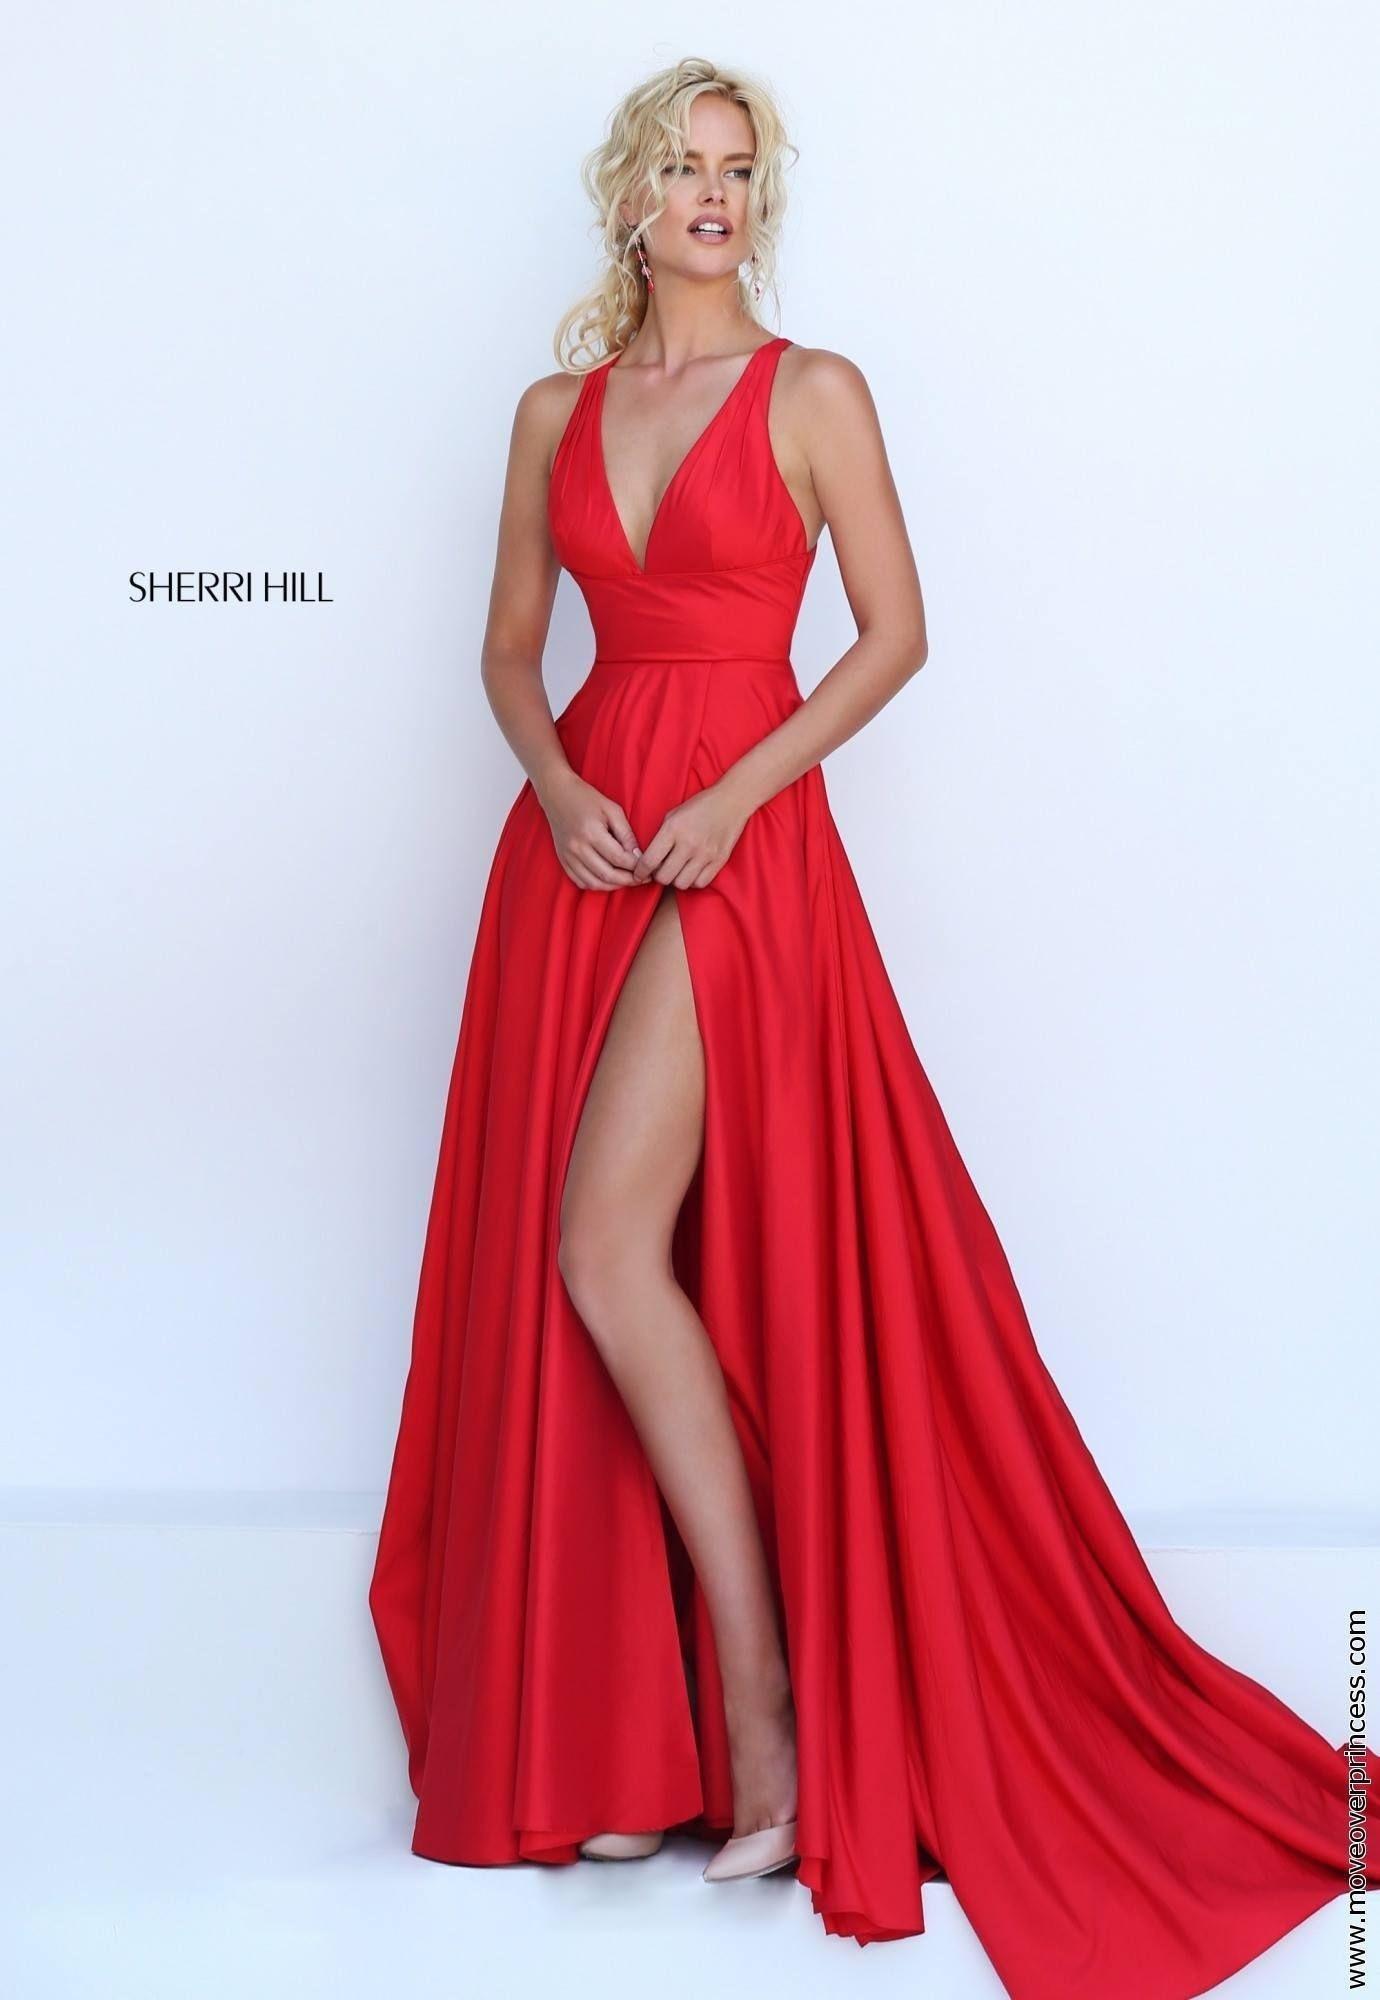 Abend Schön Kleid Für Hochzeit Rot Design - Abendkleid